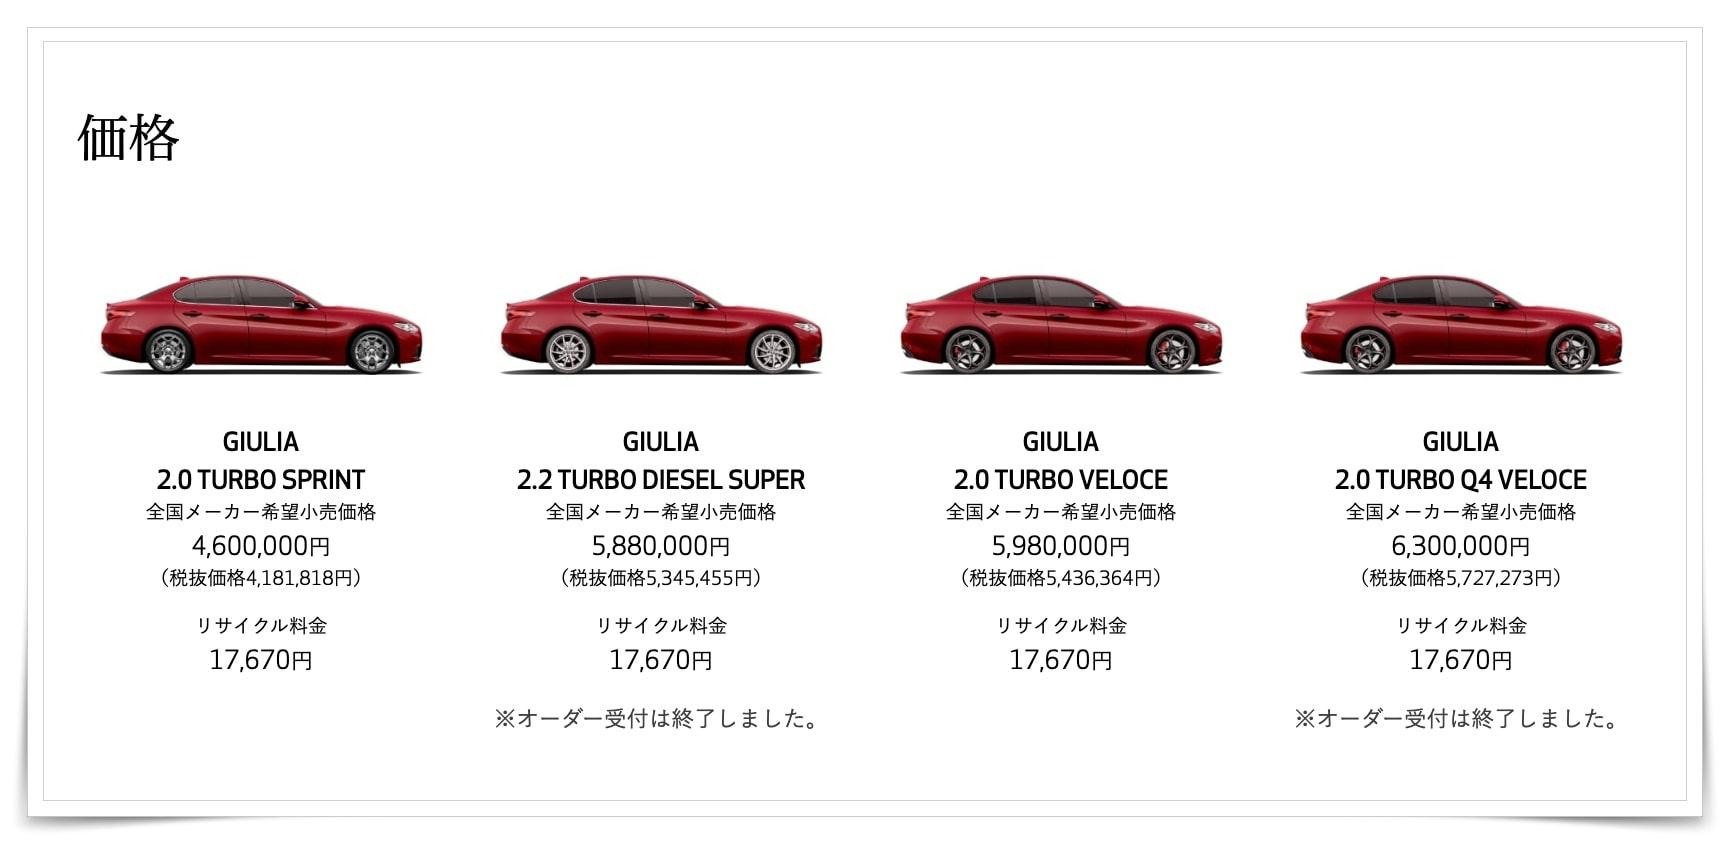 岡田将生の愛車、アルファロメオ、値段